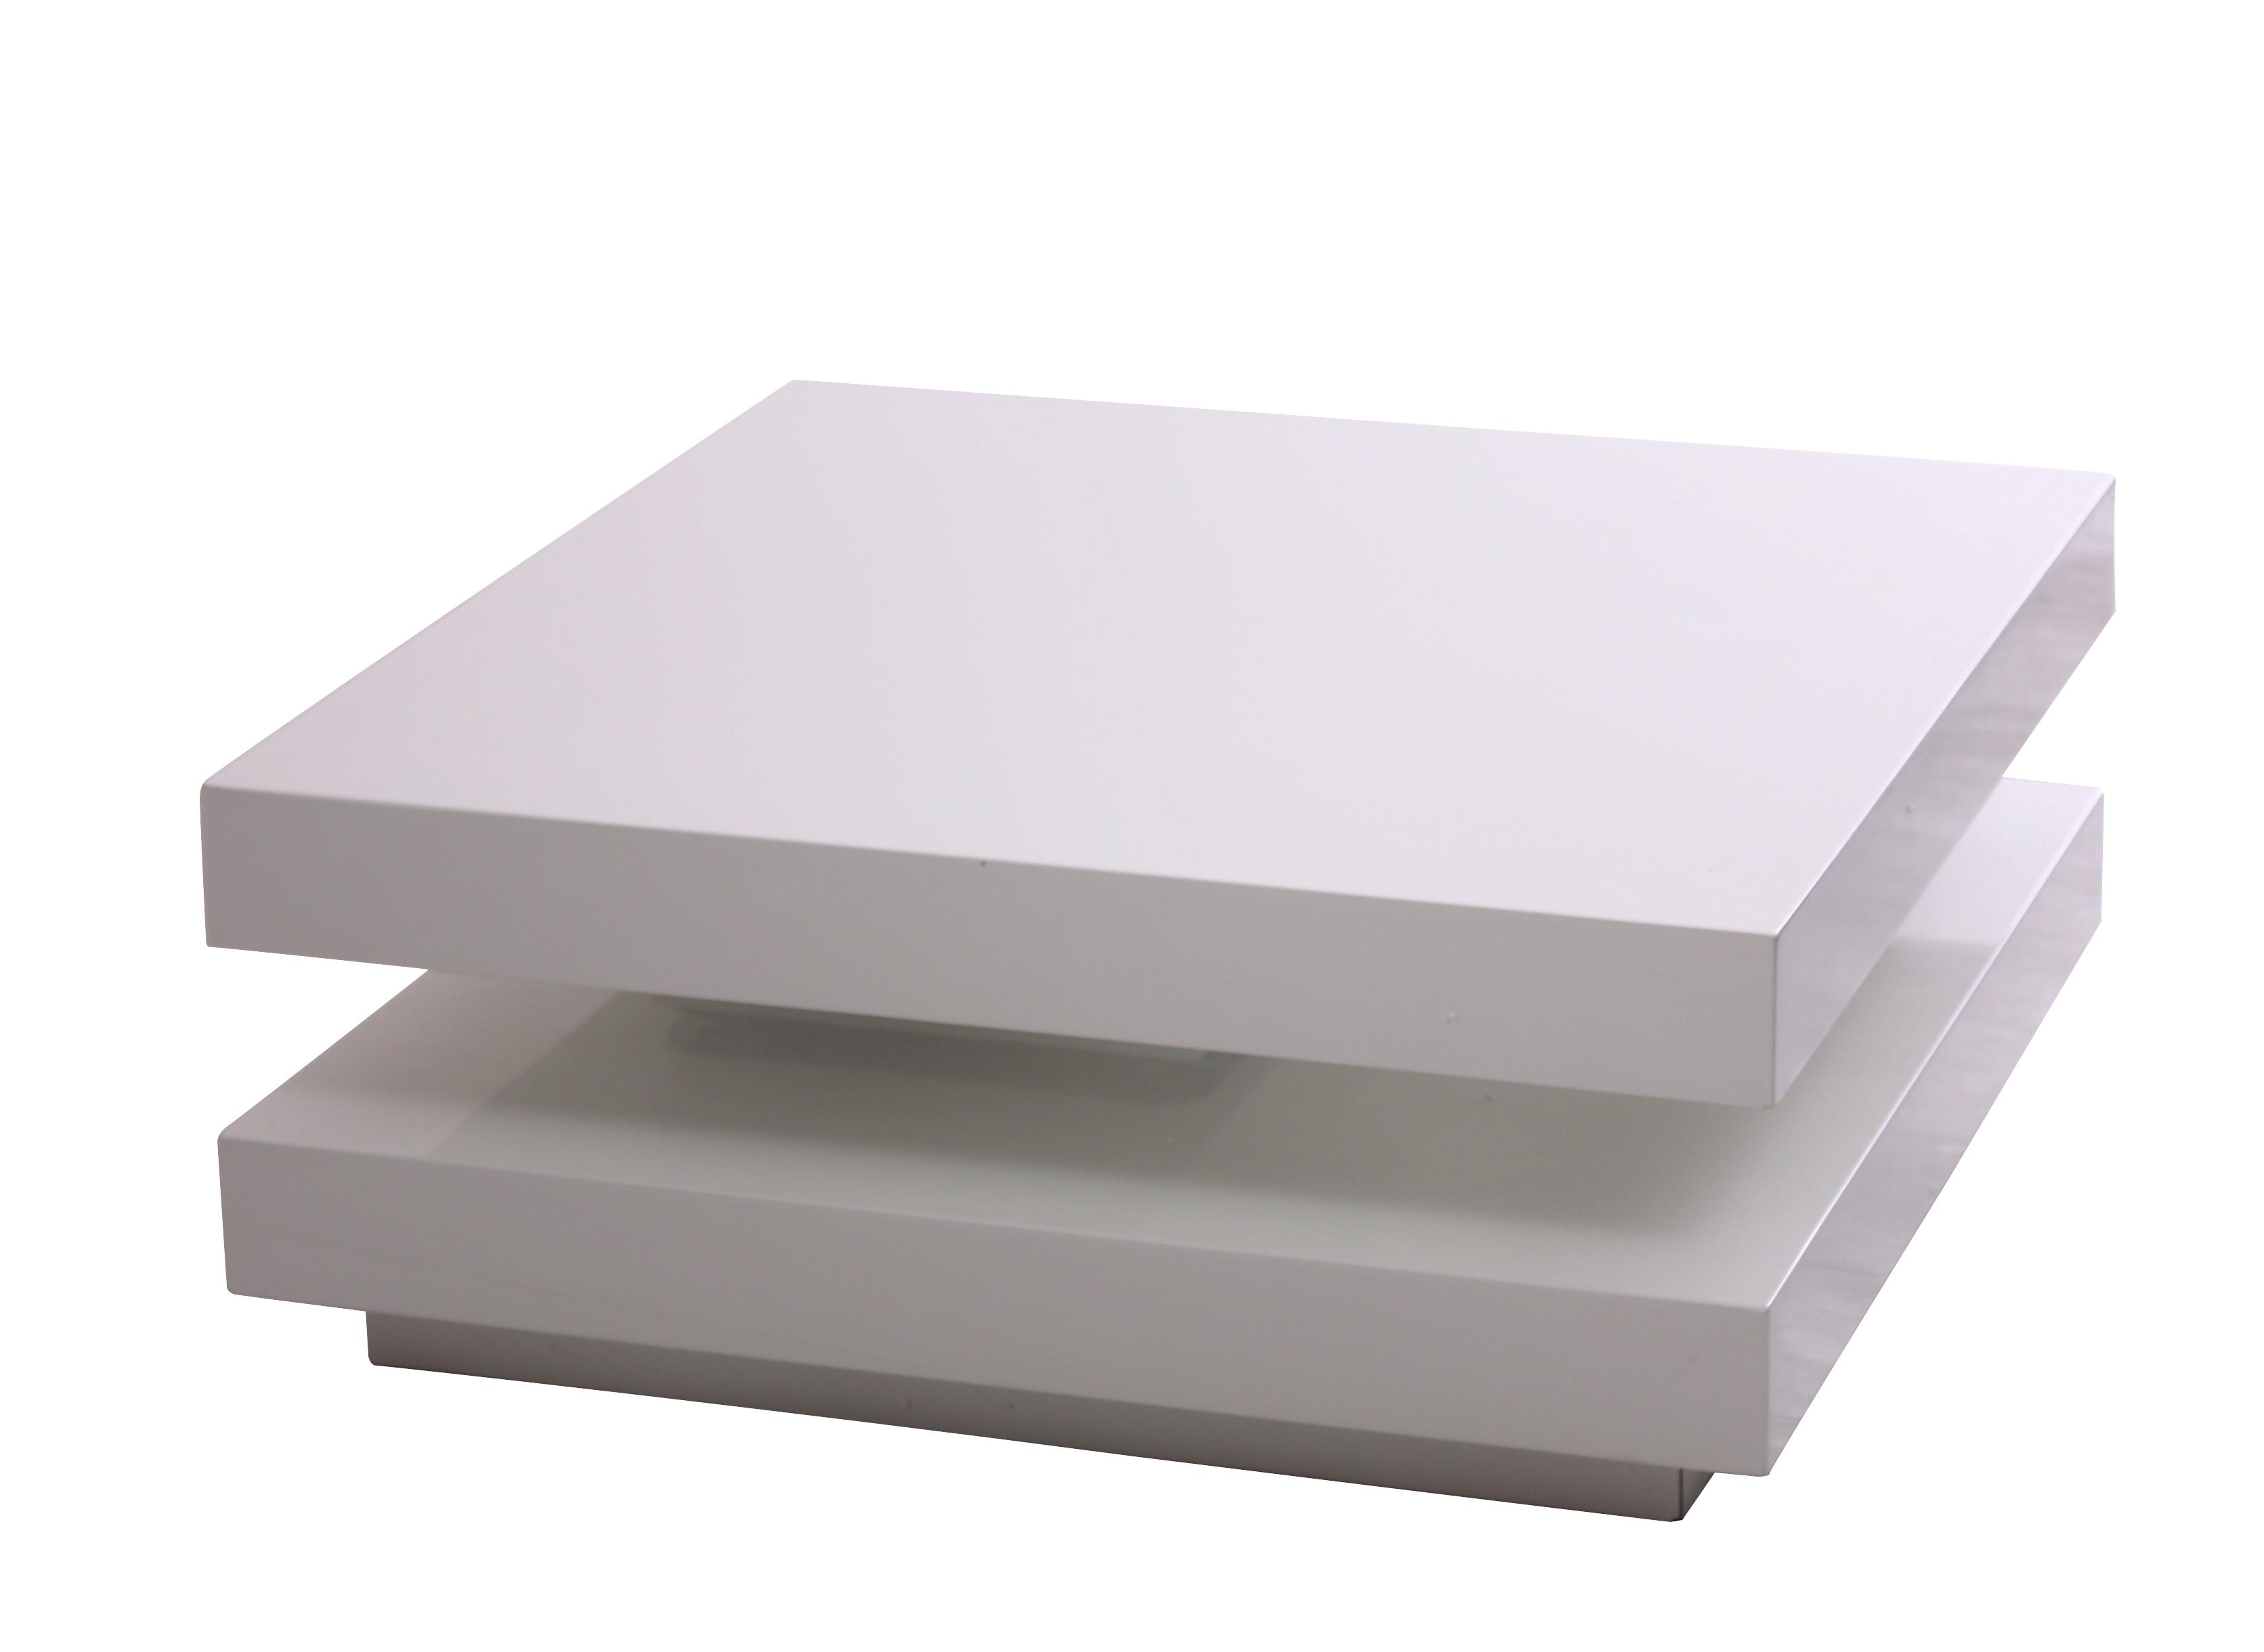 Couchtisch Modular weiß Hochglanz 75x75cm mit 2 Ebenen